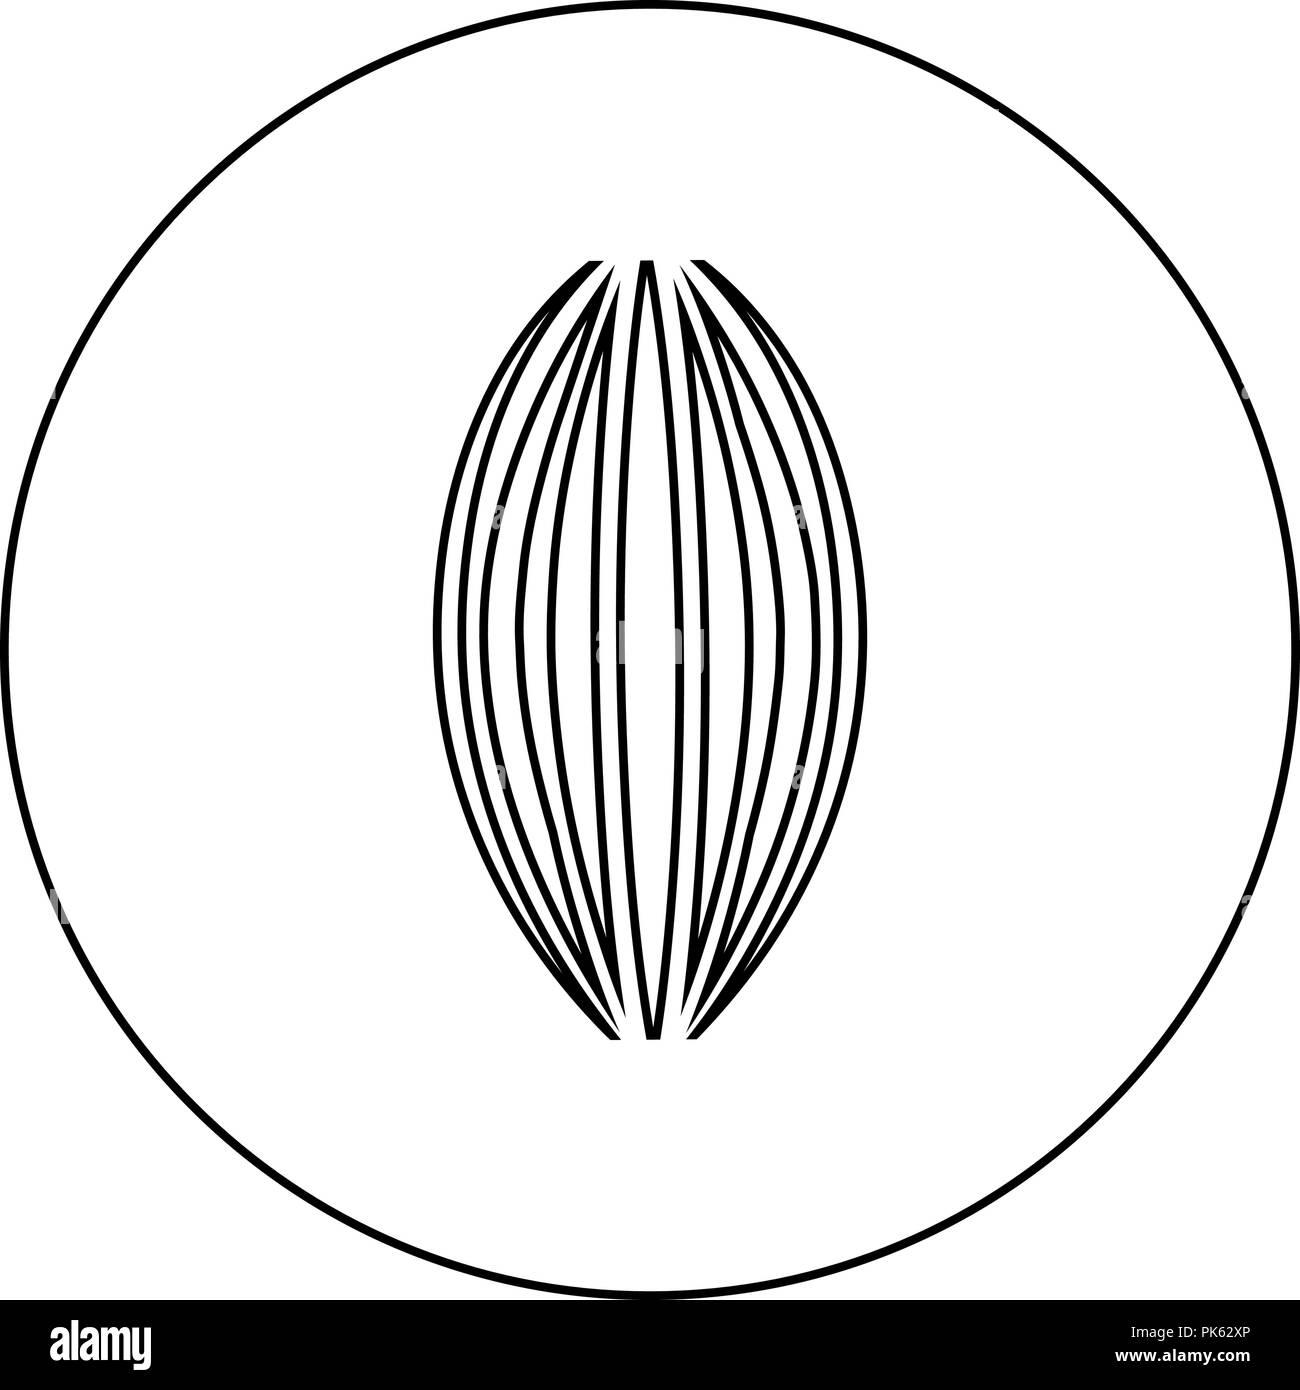 Icono muscular de color negro en círculo esbozo ilustración vectorial Imagen De Stock